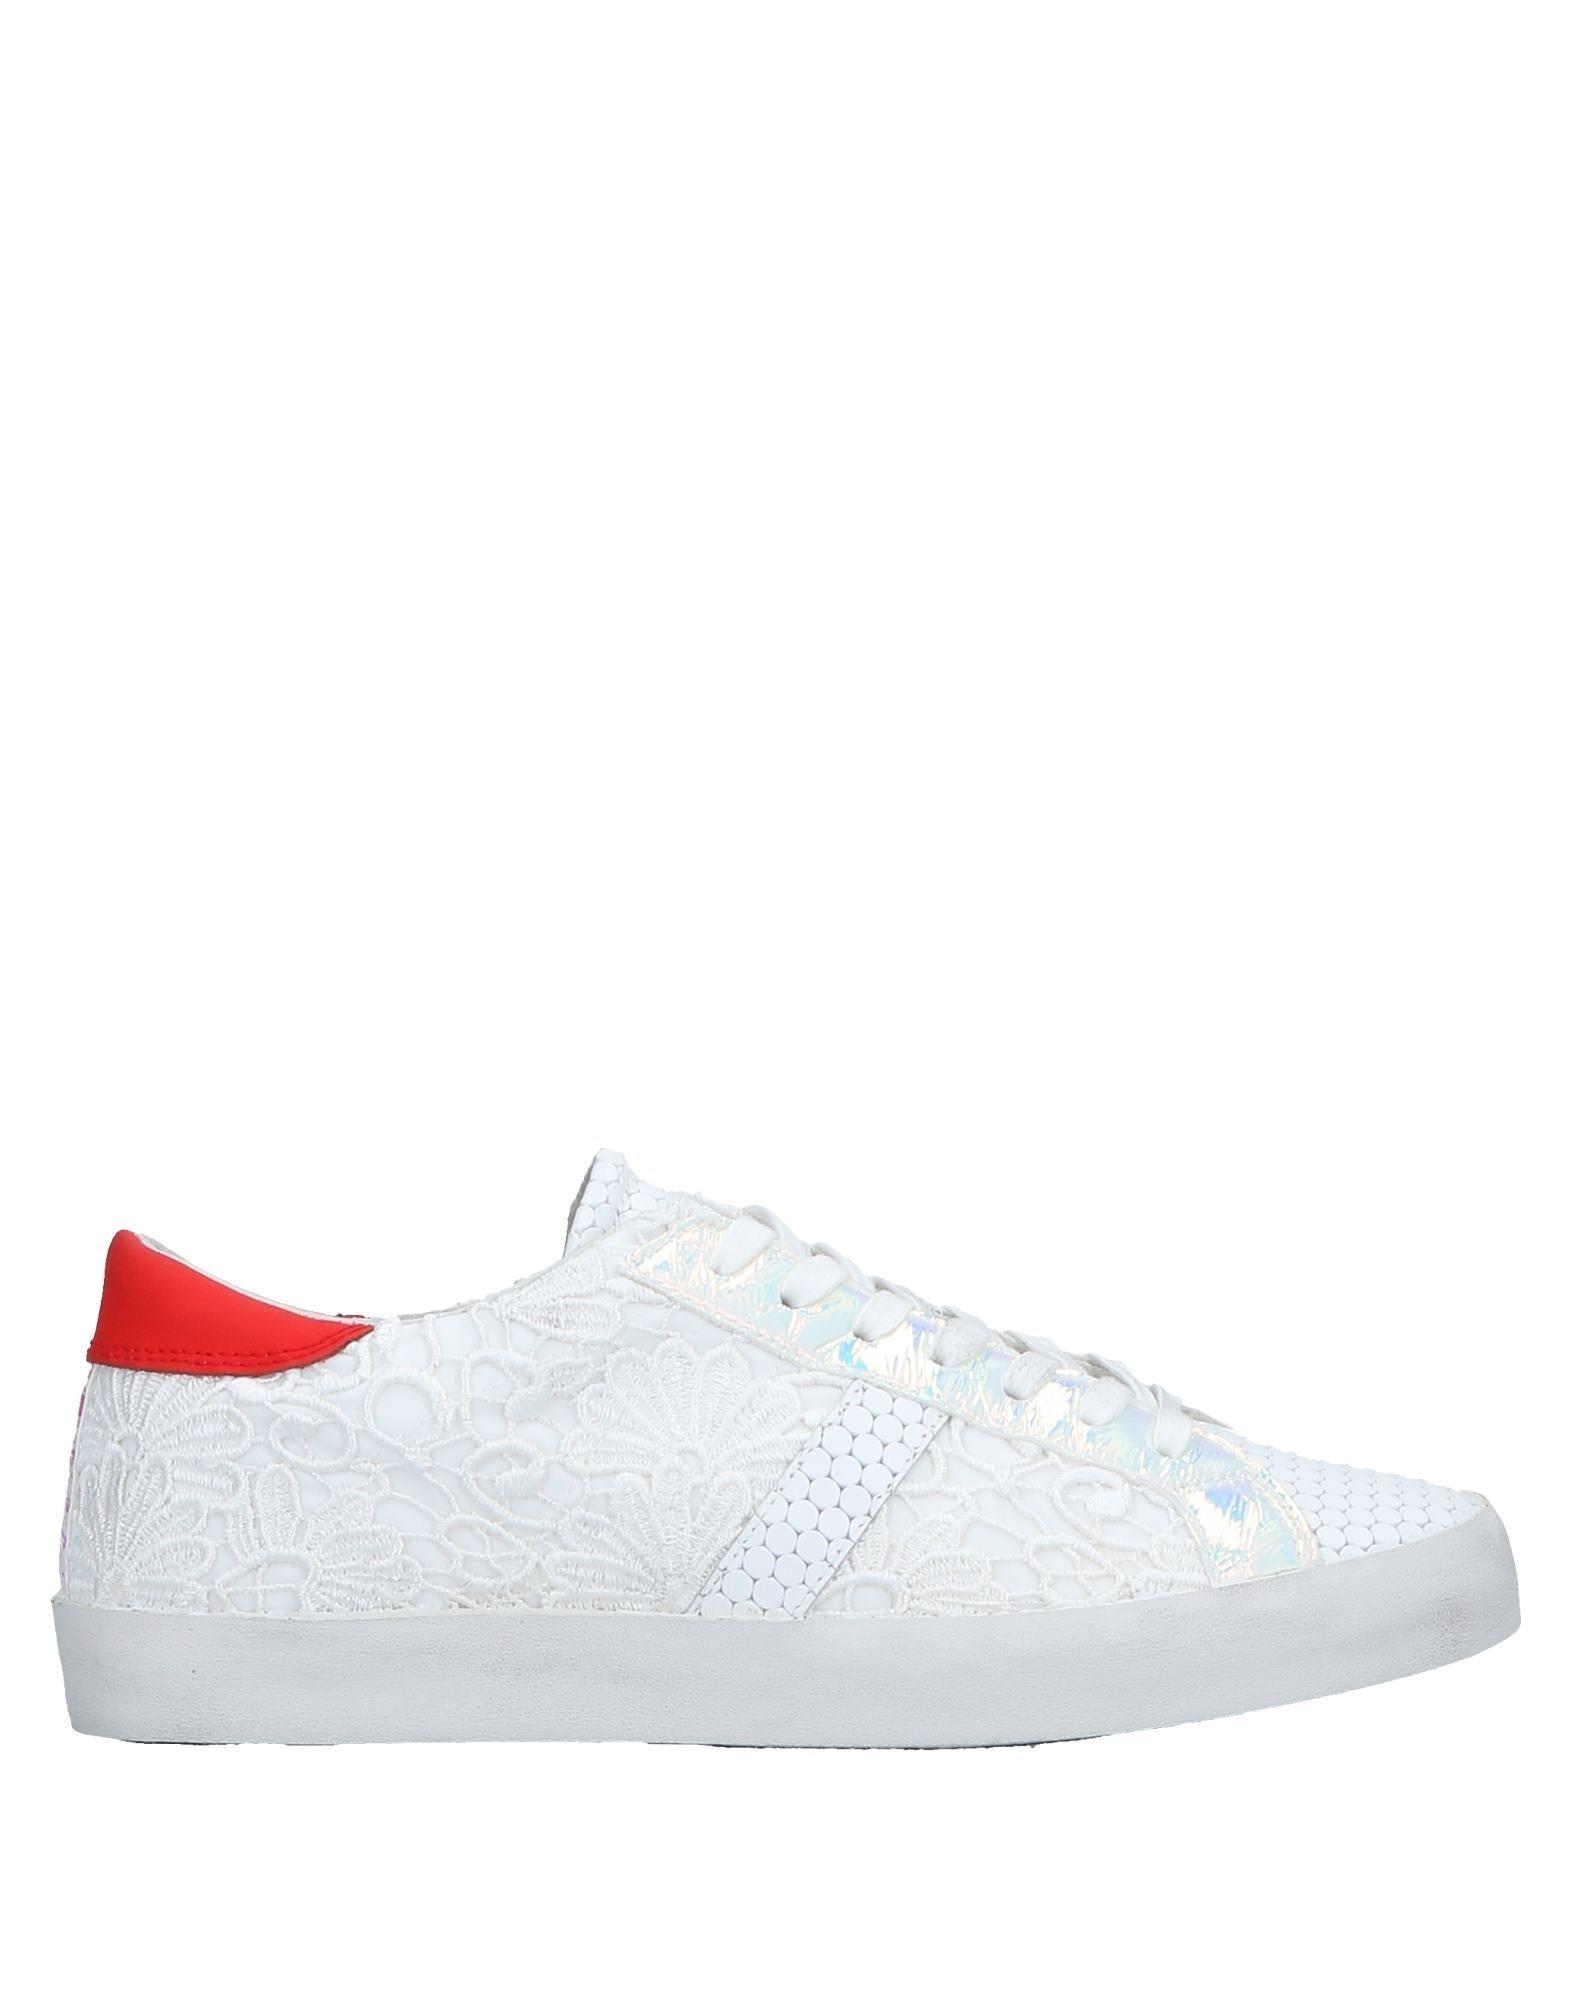 Scarpe economiche e resistenti Sneakers D.A.T.E. Donna - 11517931QF